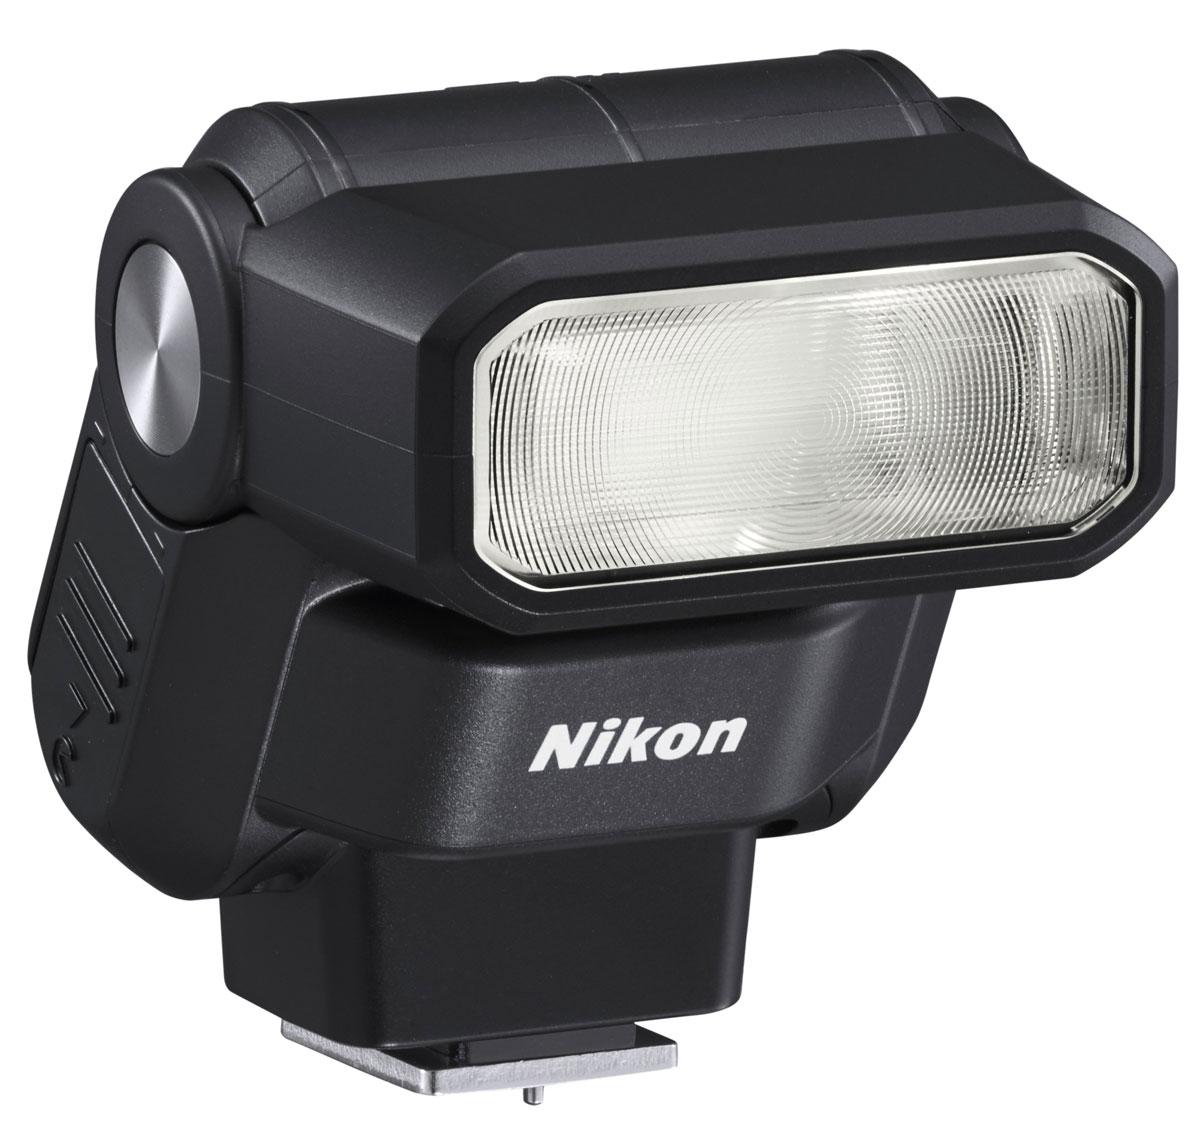 Nikon Speedlight SB-300 фотовспышкаFSA04101Простая в эксплуатации универсальная вспышка Nikon Speedlight SB-300 совместима с цифровыми зеркальными фотокамерами Nikon и фотокамерами линейки COOLPIX, которые оснащены башмаком для принадлежностей. Эта компактная и легкая внешняя вспышка идеально подойдет начинающим фотографам: она представляет собой удобный инструмент, дающий возможность контролировать качество и направление света для создания креативных снимков с хорошей освещенностью.Вспышка легко крепится к башмаку для принадлежностей фотокамеры; ее можно поднимать вверх под углом до 120°. Для рассеивания или смягчения потока света можно использовать отражение вспышки от потолка. Вспышка поможет придать дополнительную яркость изображениям, создаваемым при дневном свете, получить более качественные снимки при съемке в сумерках, а также проработать детали объектов при съемке в сложных условиях, когда объекты освещены сзади.